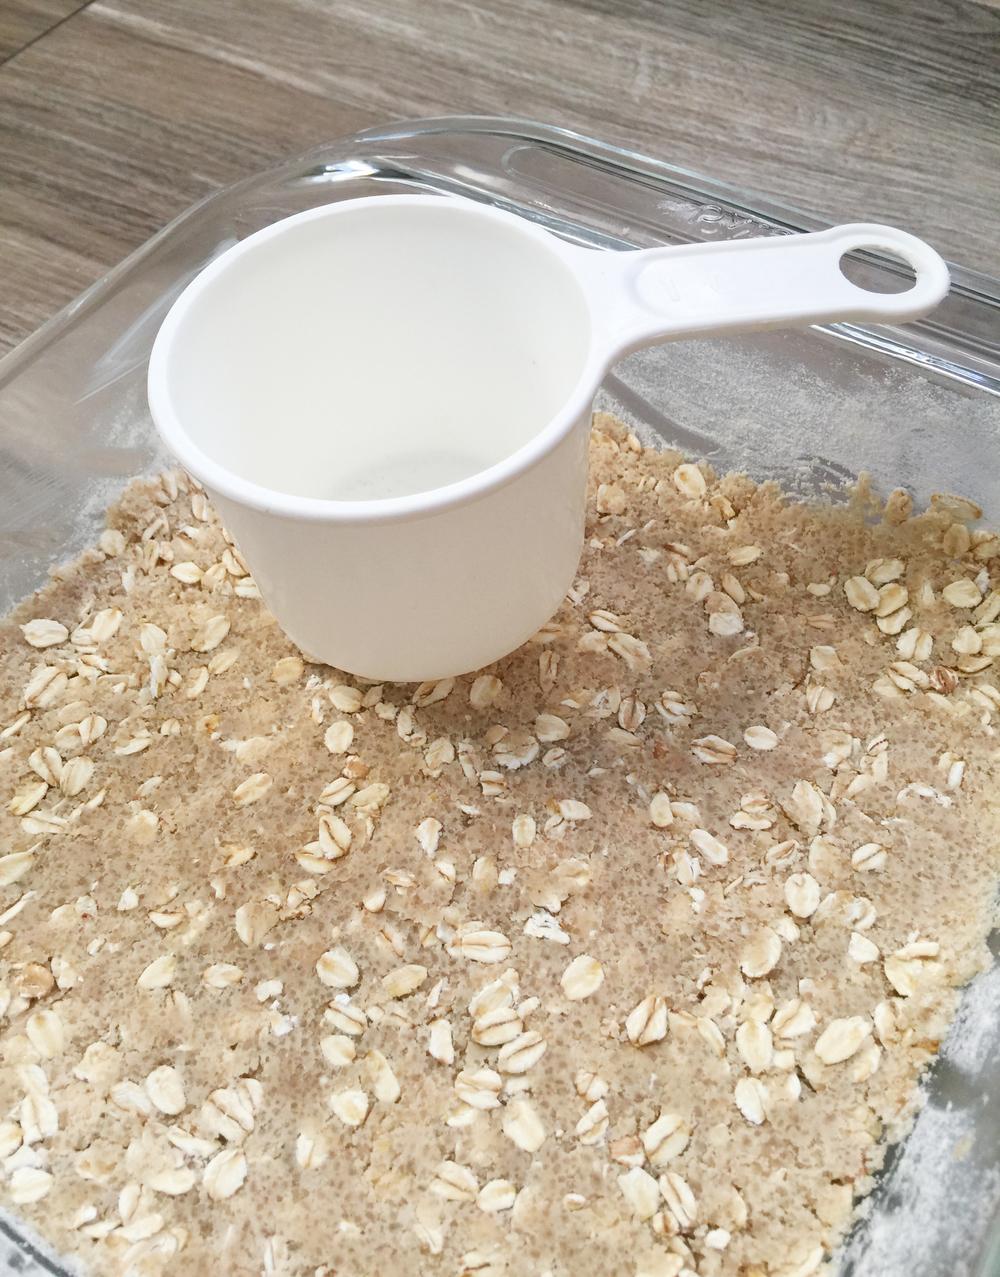 Presionar la mezcla seca contra el molde para compactarla